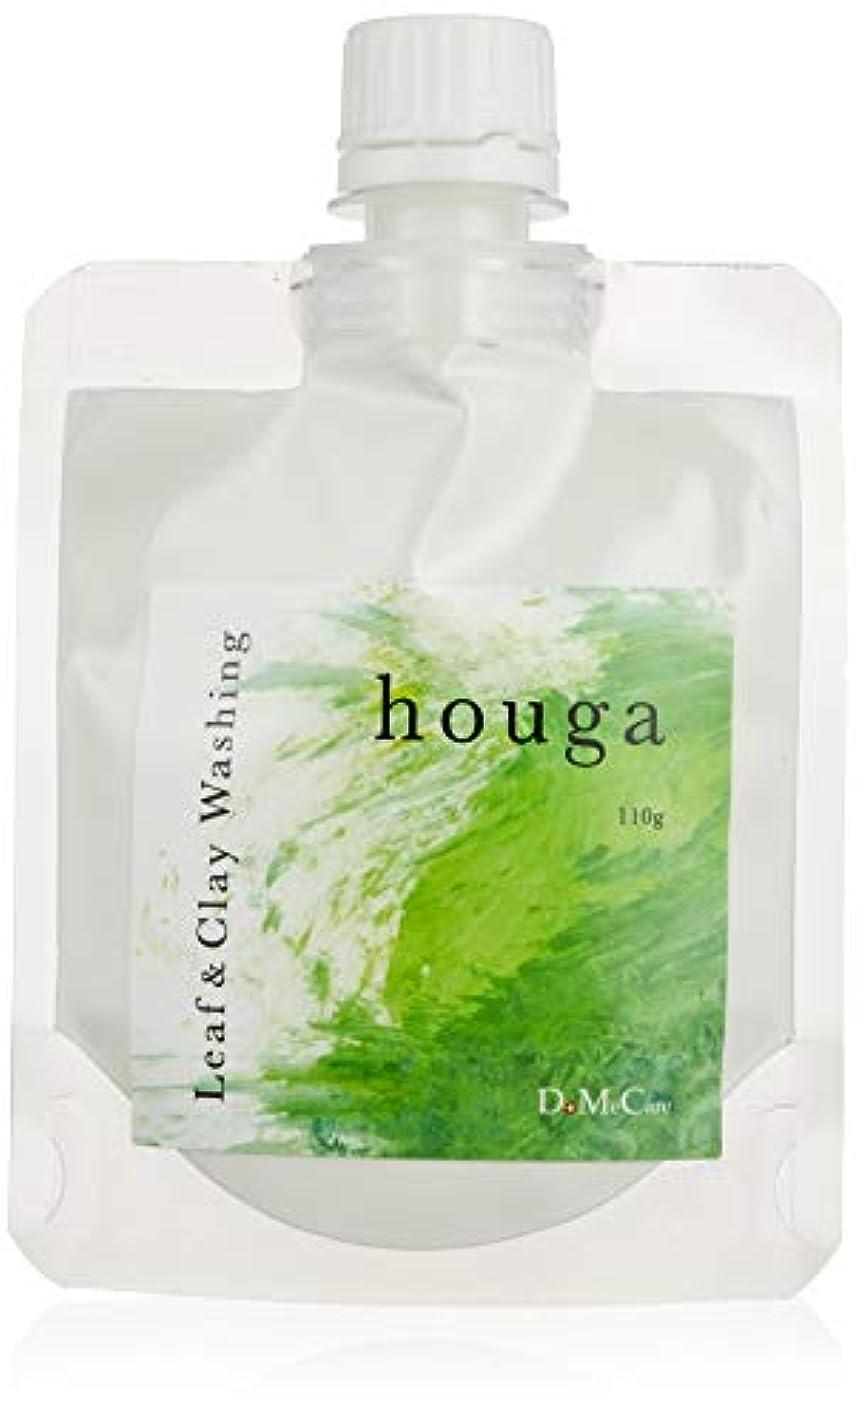 オートマトン和解する六分儀DMC 萌芽 リーフ&クレイ ウォッシング 110g 緑葉泥泡洗顔 houga Leaf&Clay Washing